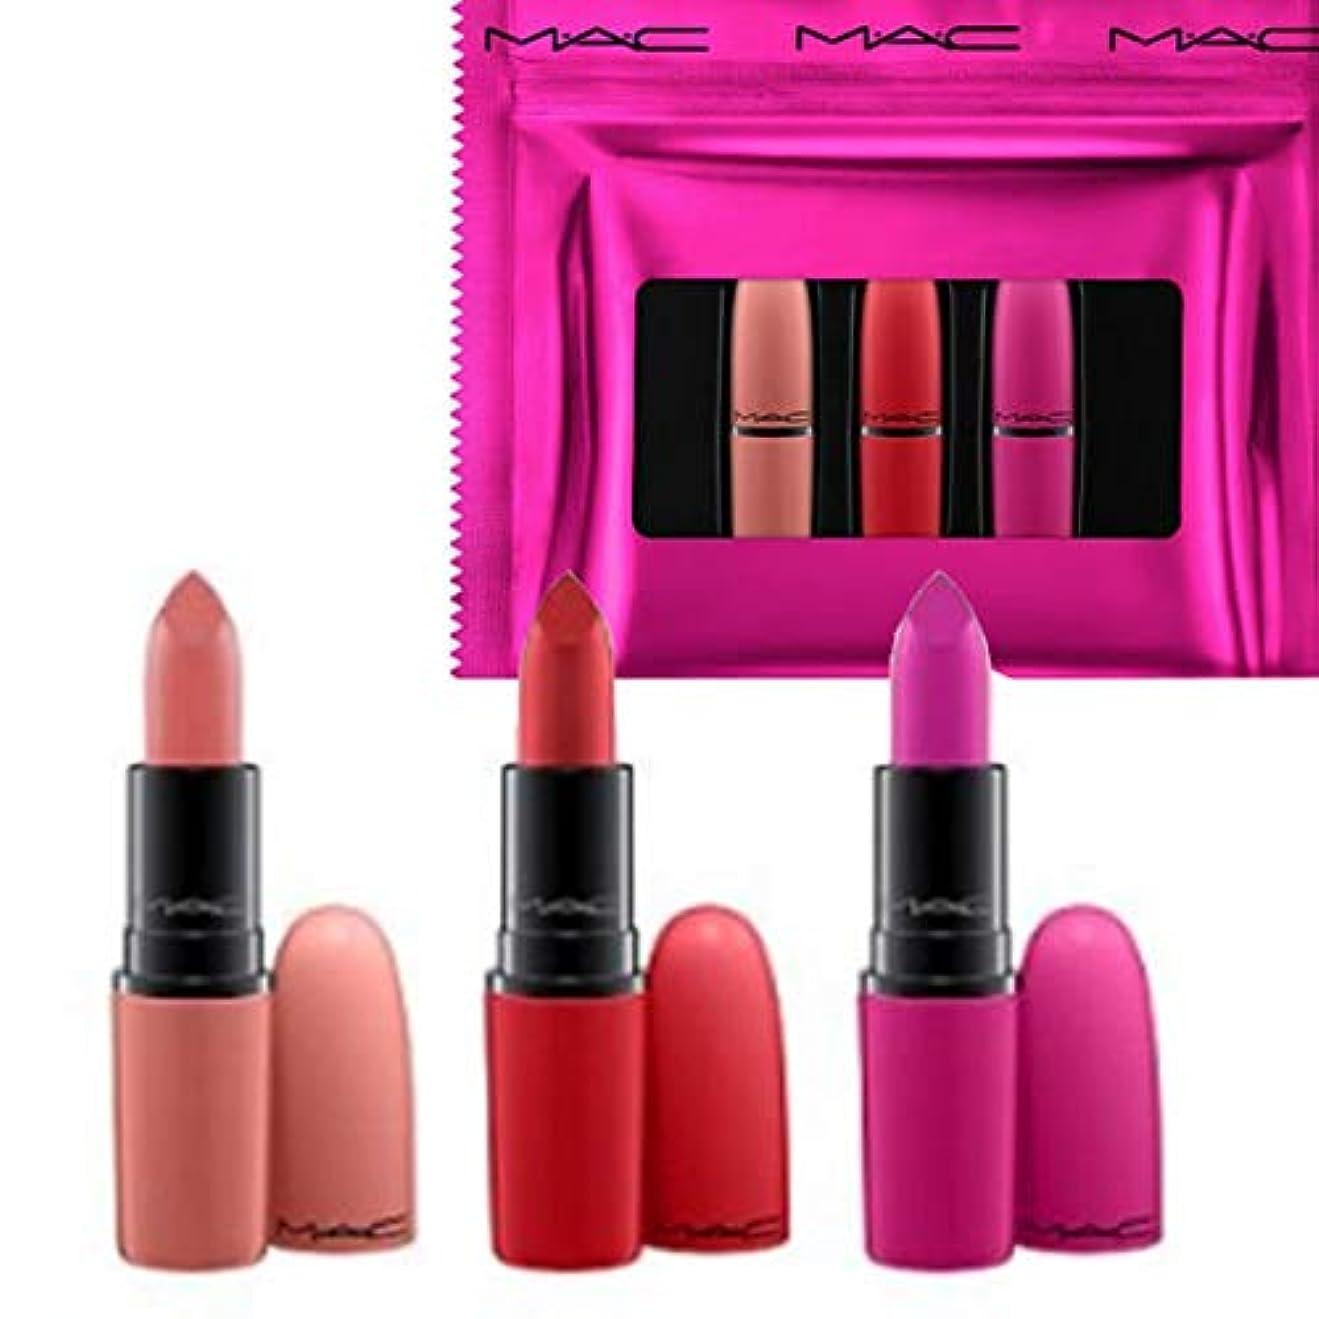 泥障害者然としたM.A.C ?マック, Limited Edition 限定版, 3-Pc. Shiny Pretty Things Lip Set - Russian Red/Kinda Sexy/Flat Out Fabulous...